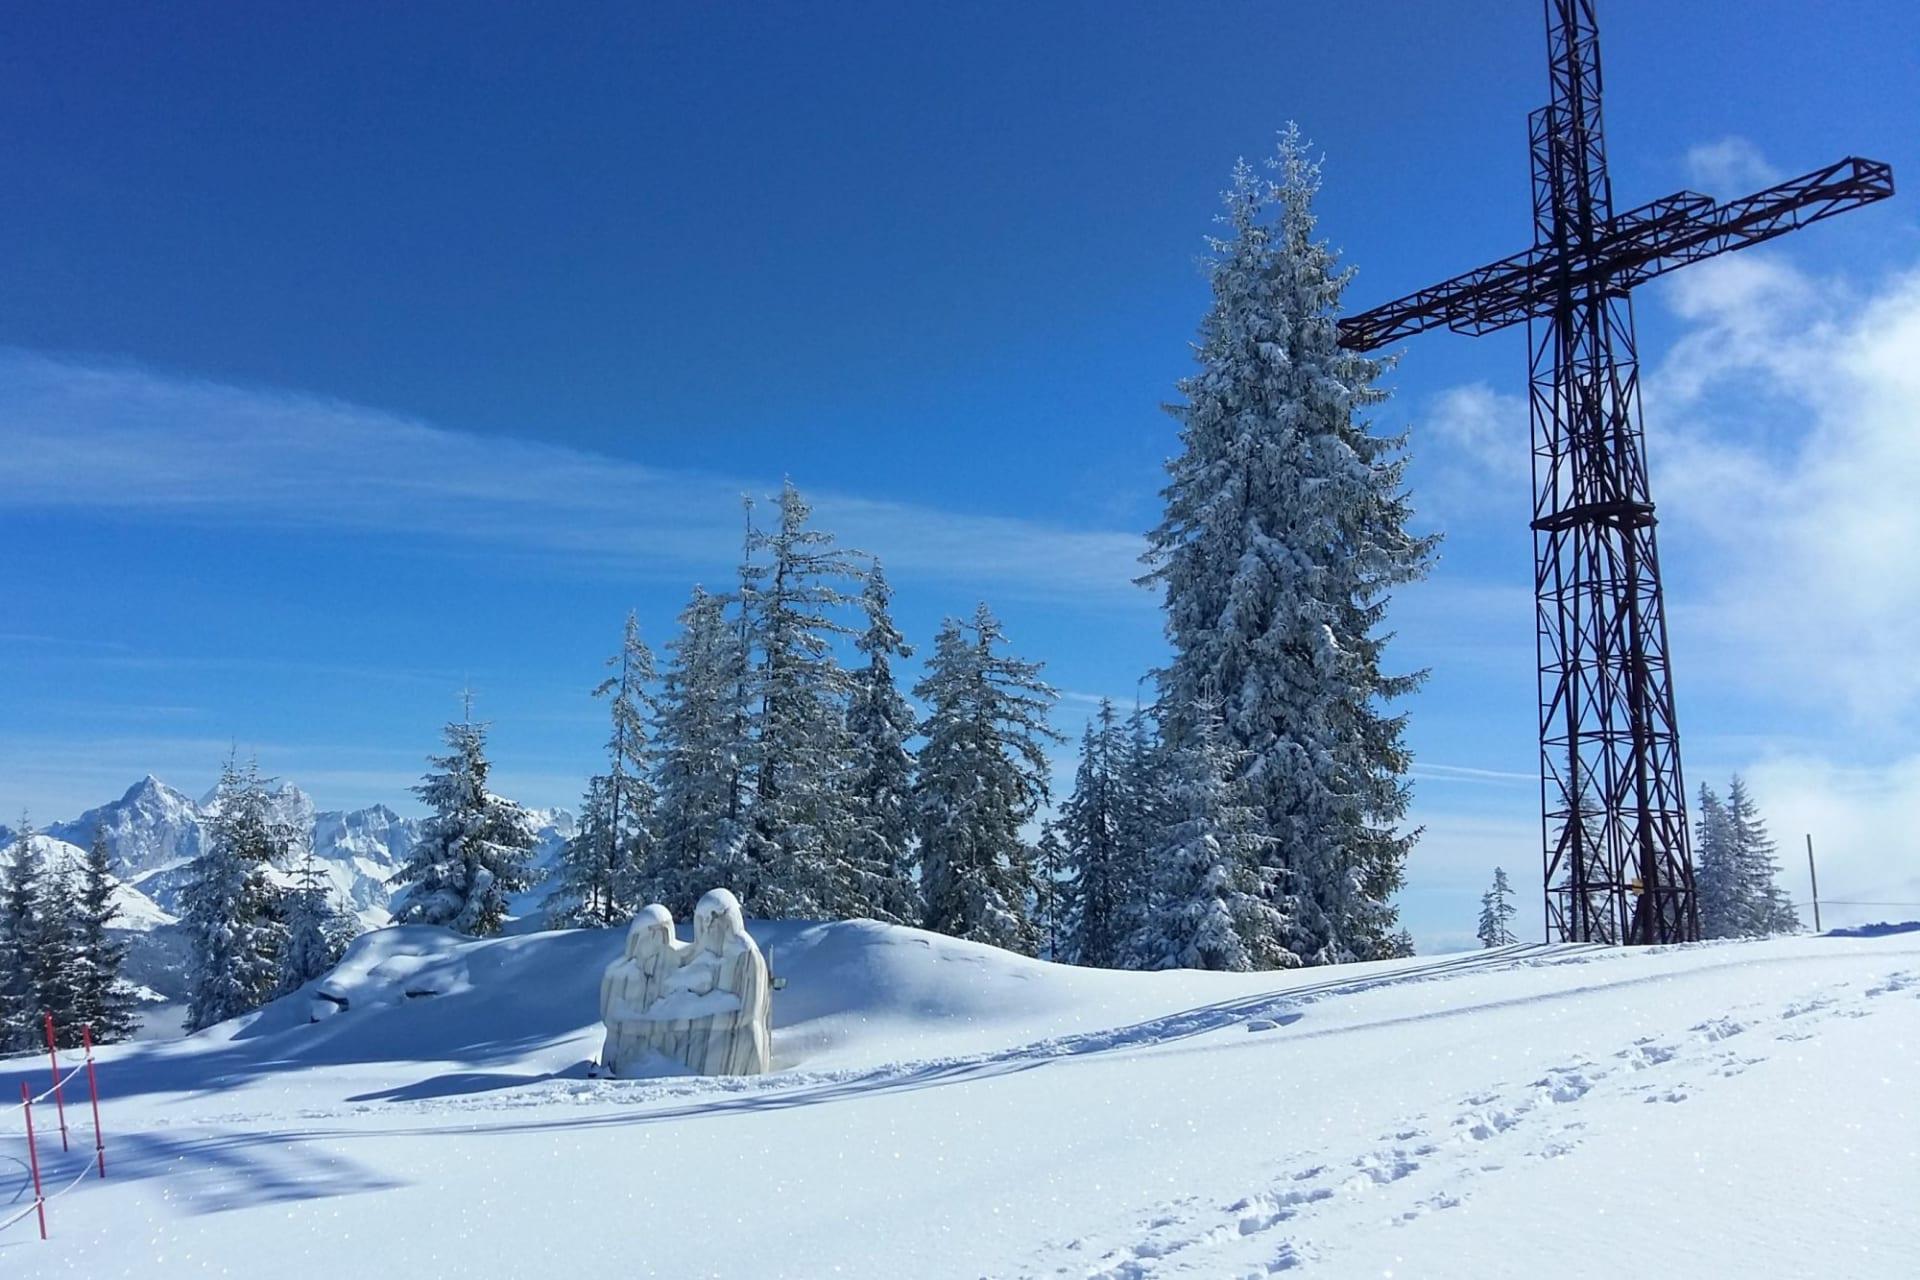 Weihnachten im Schnee – 5 Nächte